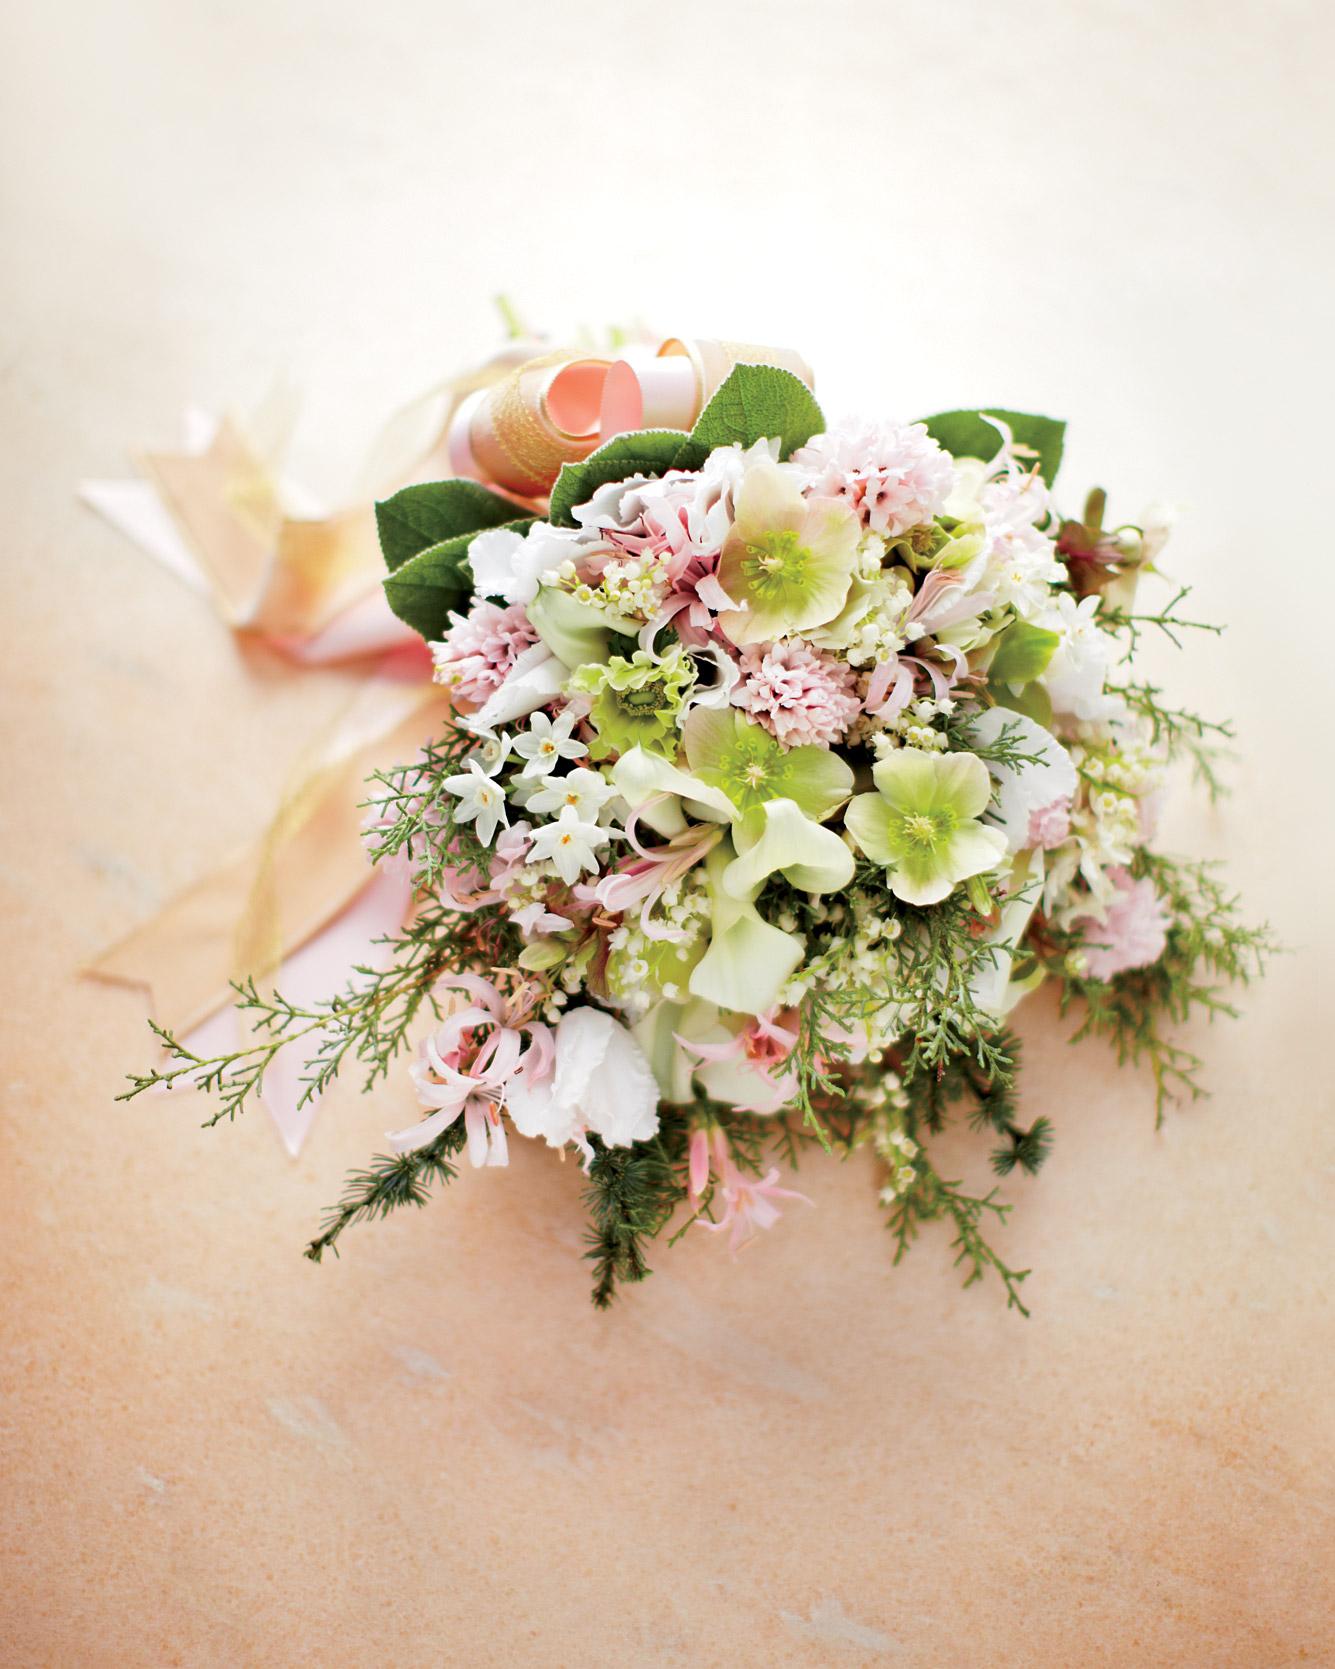 bouquet-mwd107369.jpg